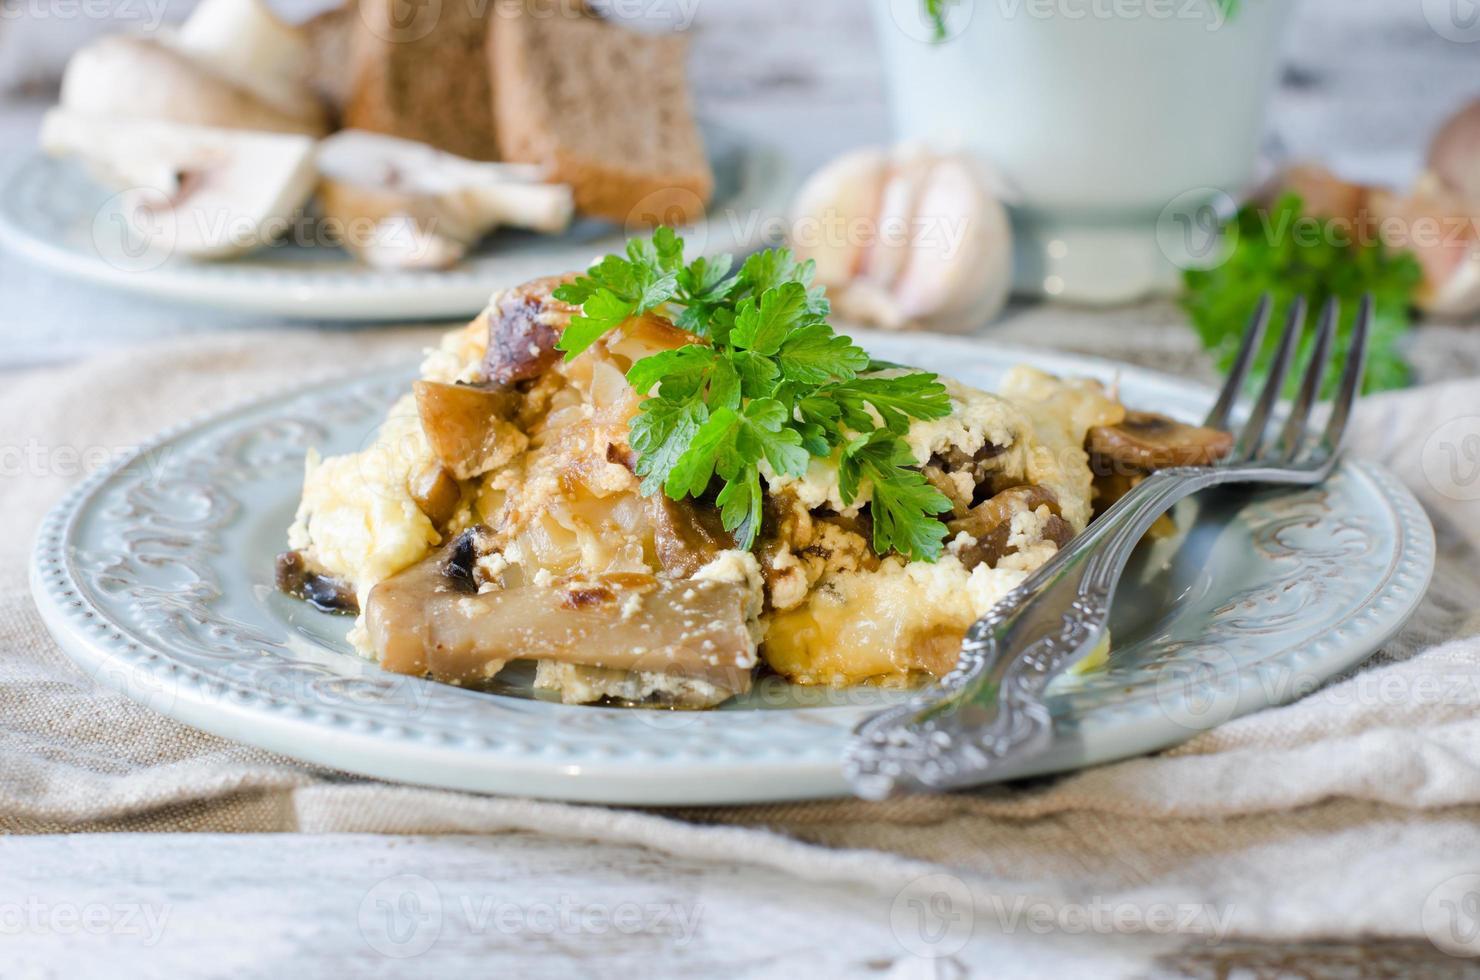 chou et champignons cuits au fromage photo